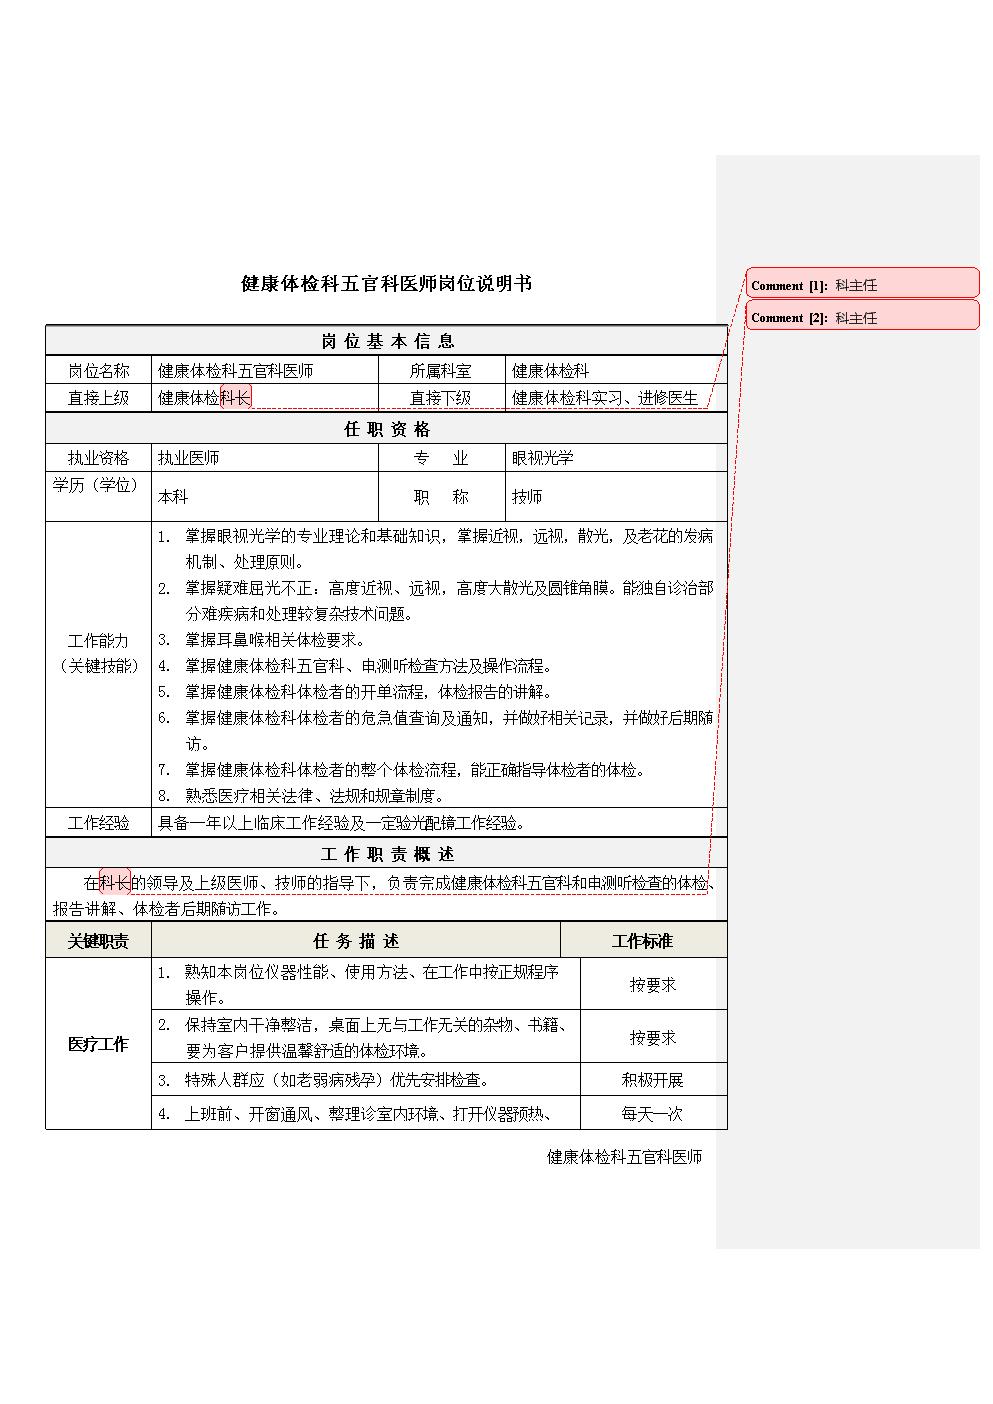 9健康体检科五官科医师岗位说明书.docx